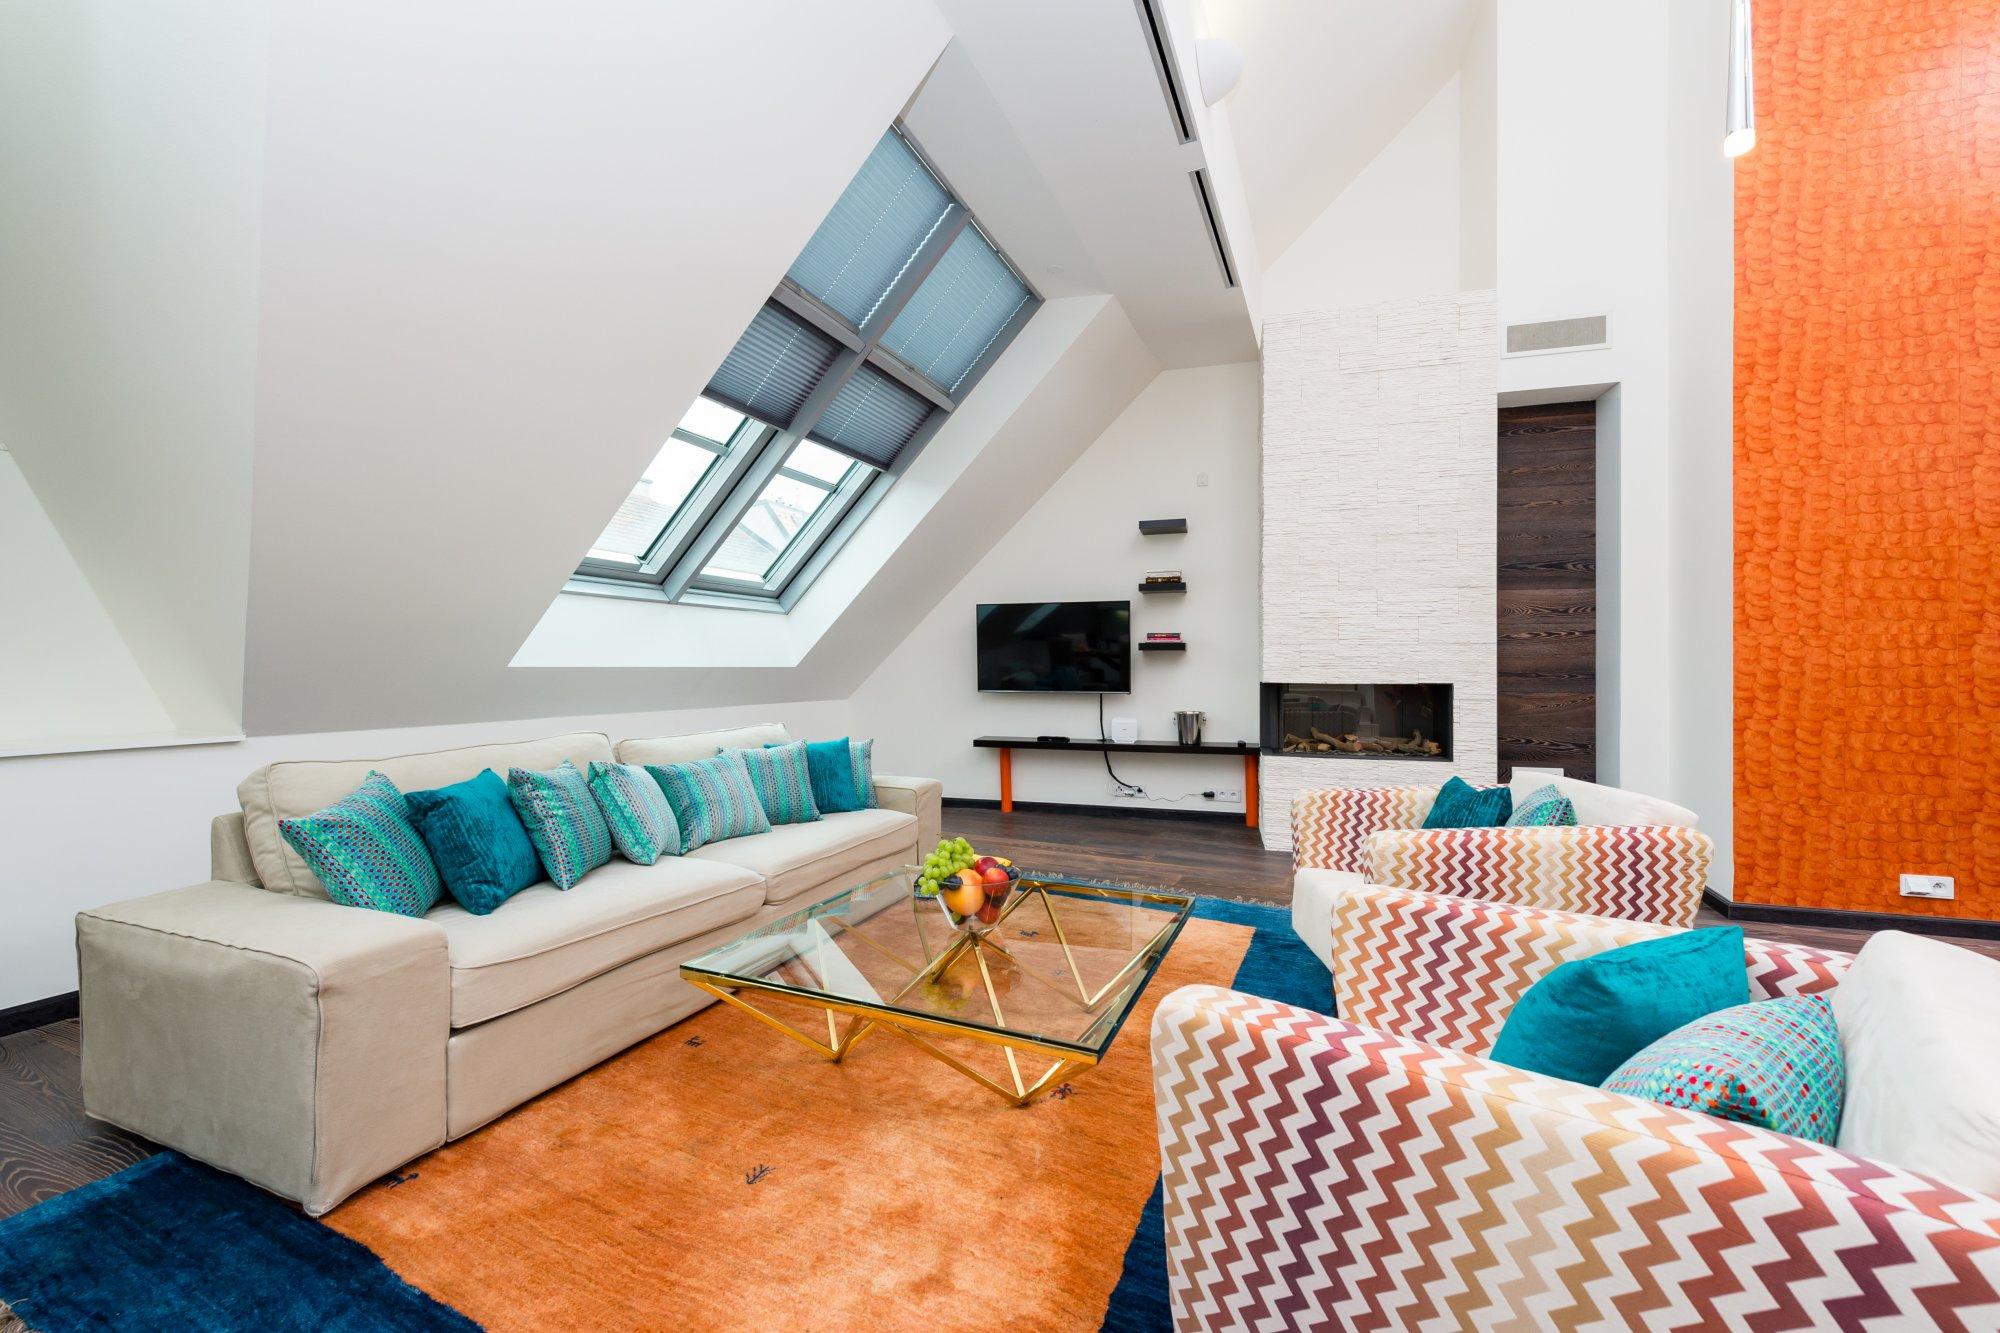 Půdní byt 4+kk, plocha 209 m², ulice Navrátilova, Praha 1 - Nové Město | 3